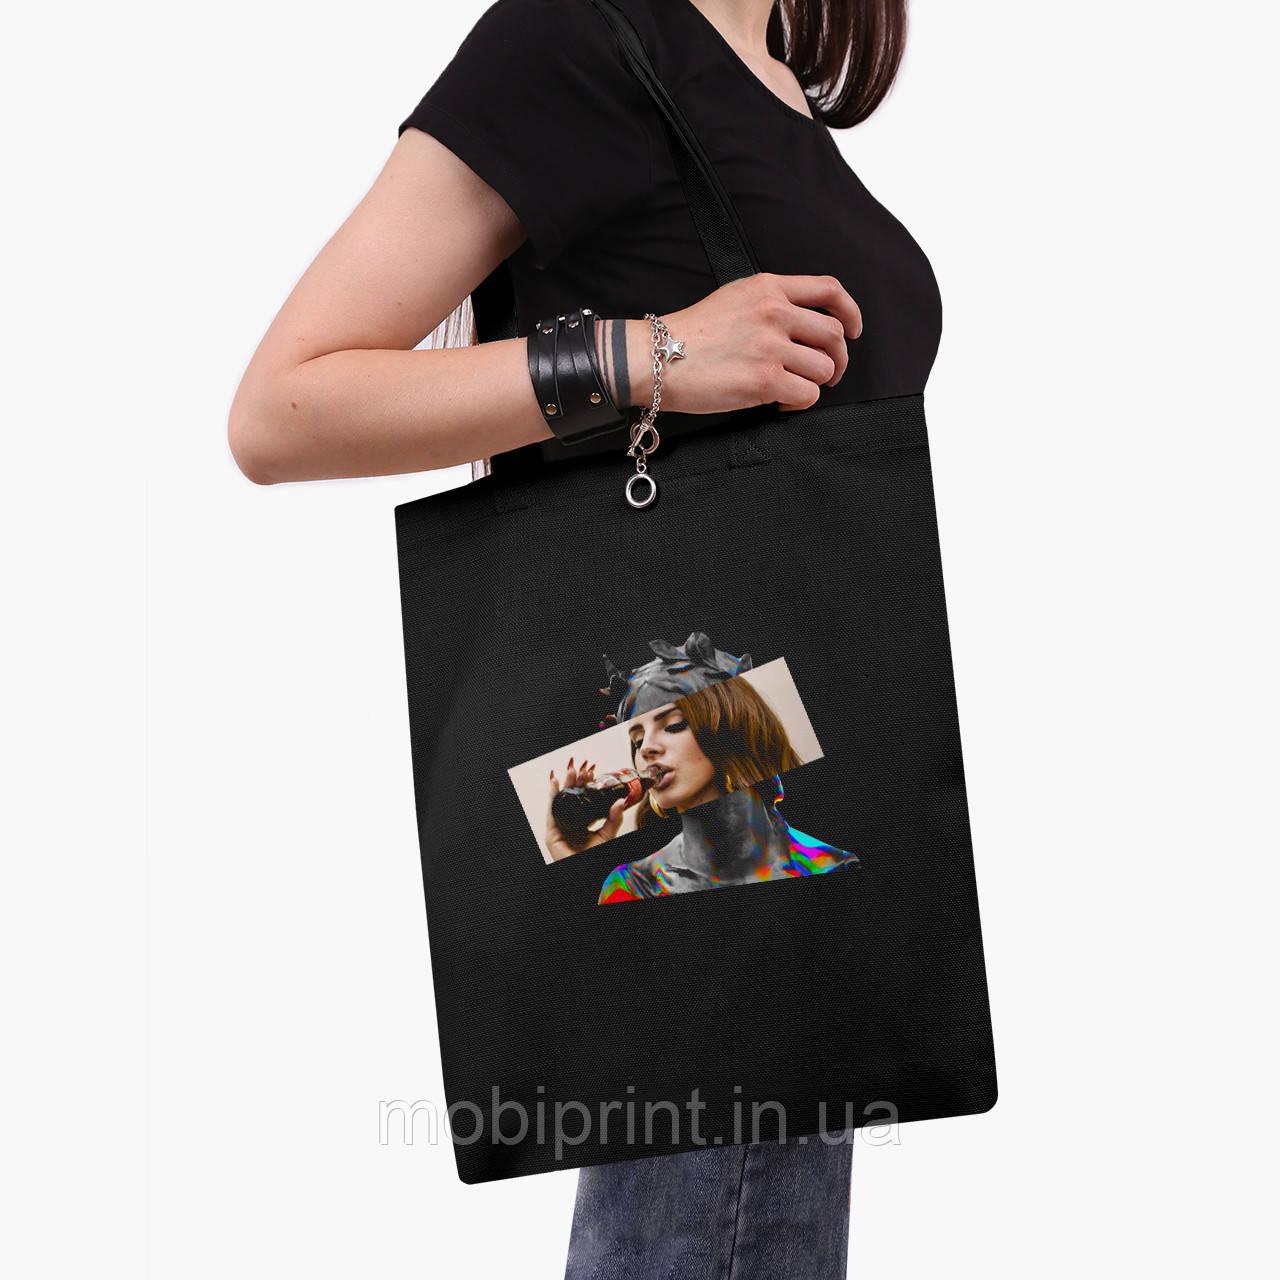 Эко сумка шоппер черная Лана Дель Рей - Ренессанс (Lana Del Rey - Renaissance) (9227-1204-2)  41*35 см